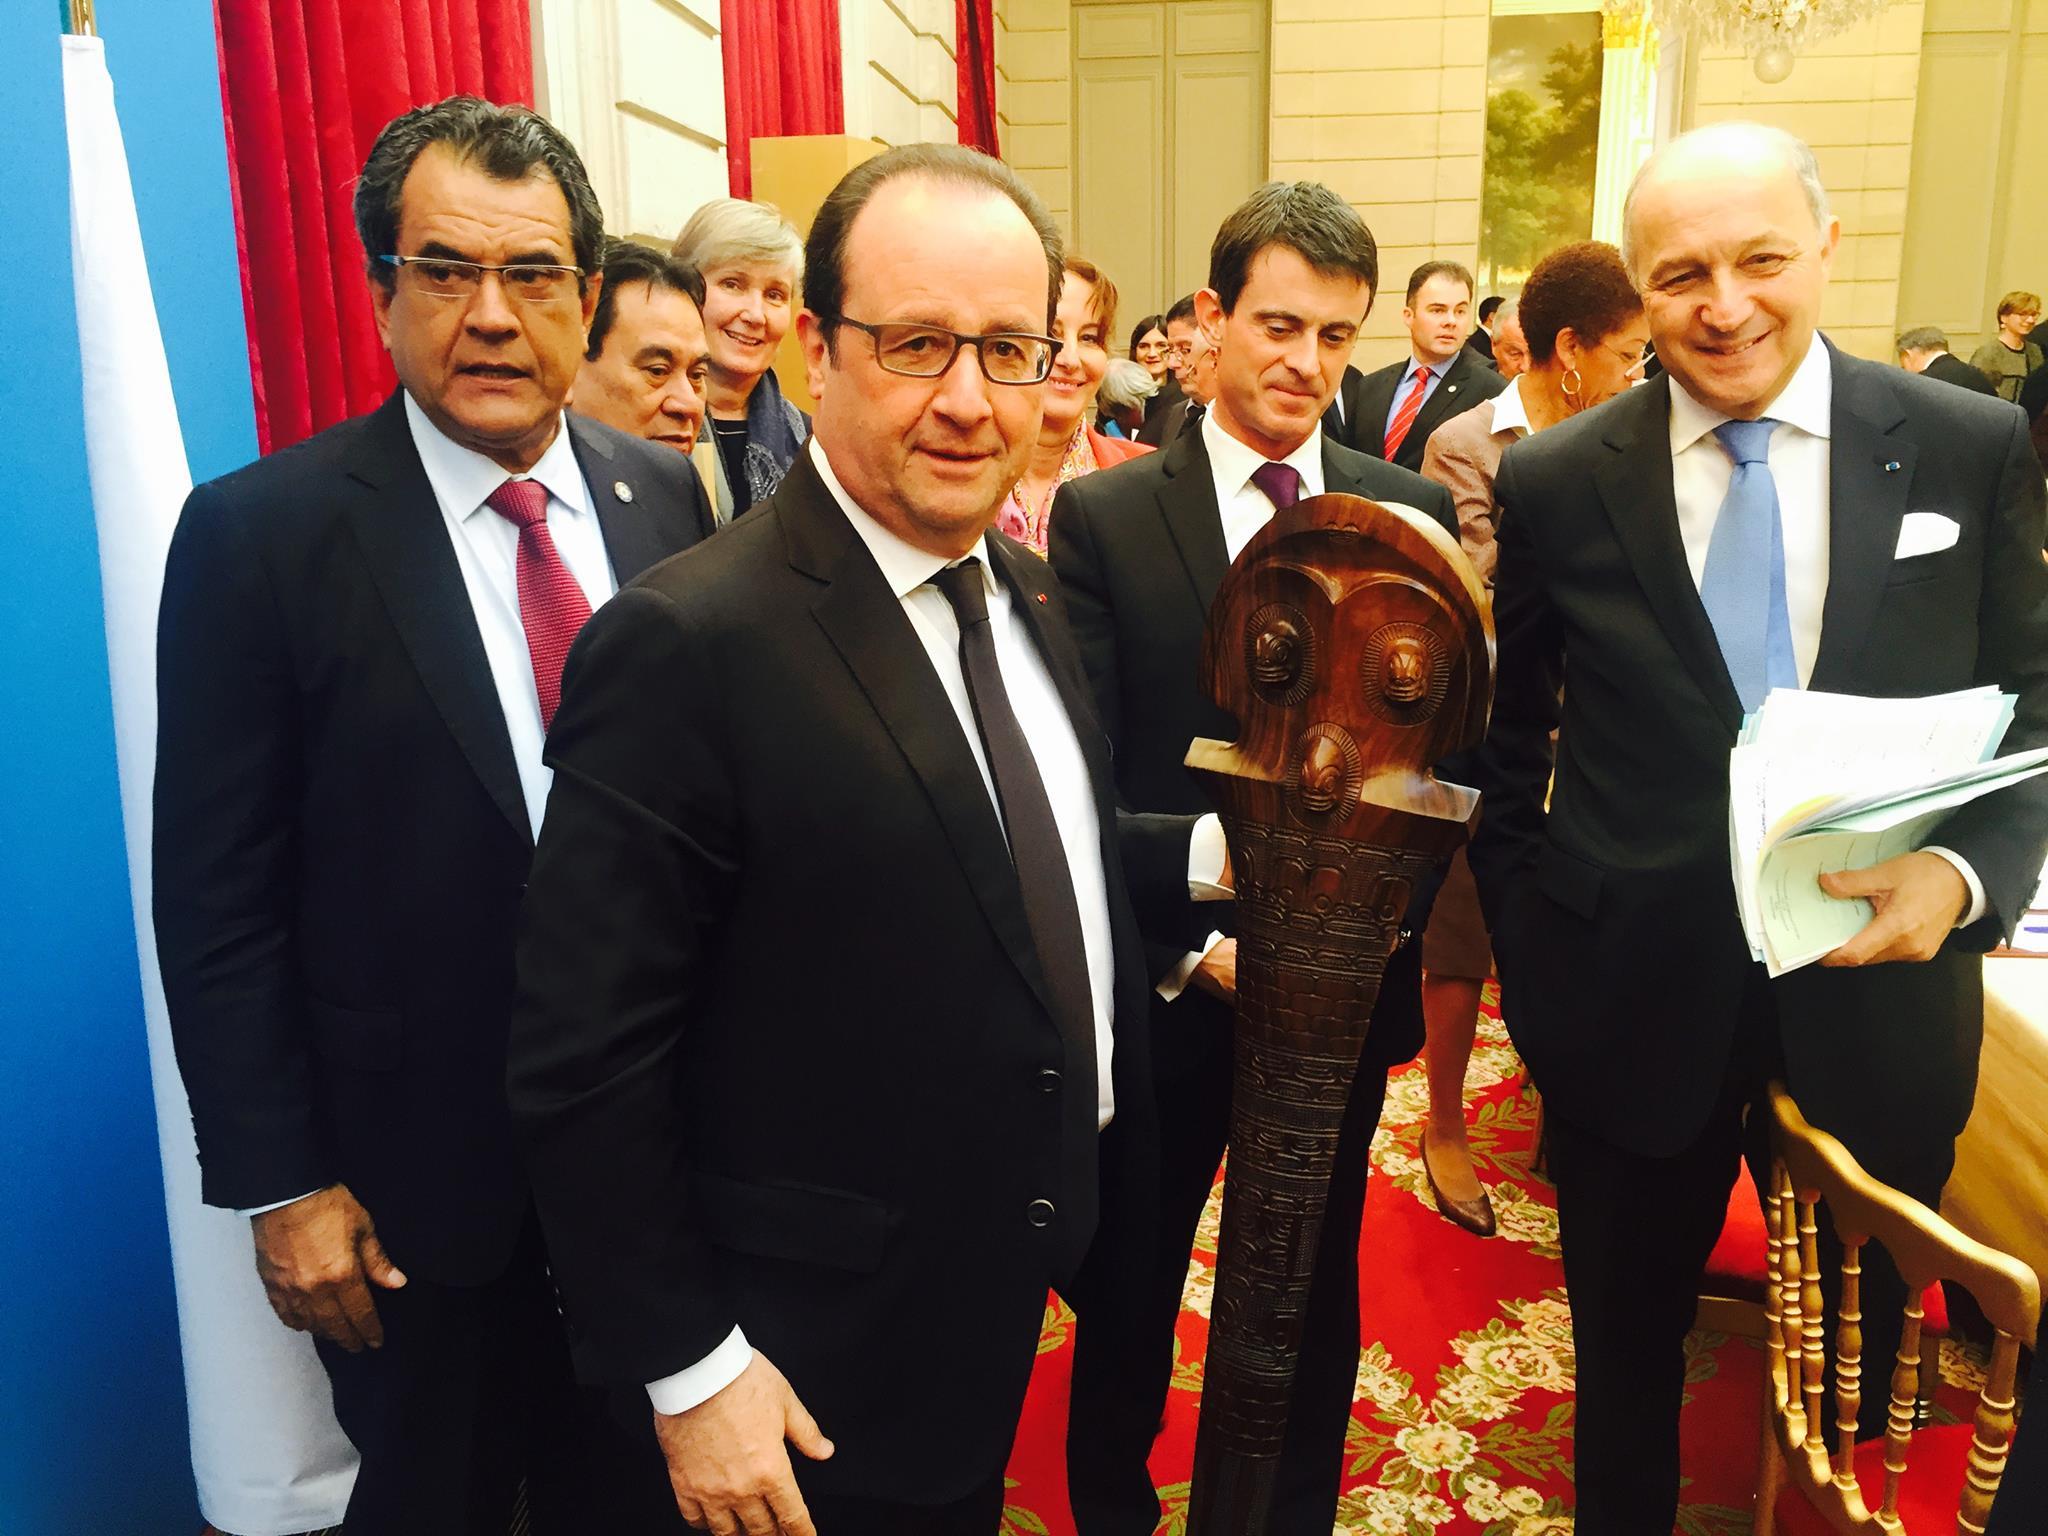 françois Hollande reçoit un casse tête marquisien des mains d' Edouard Fritch ( DR)